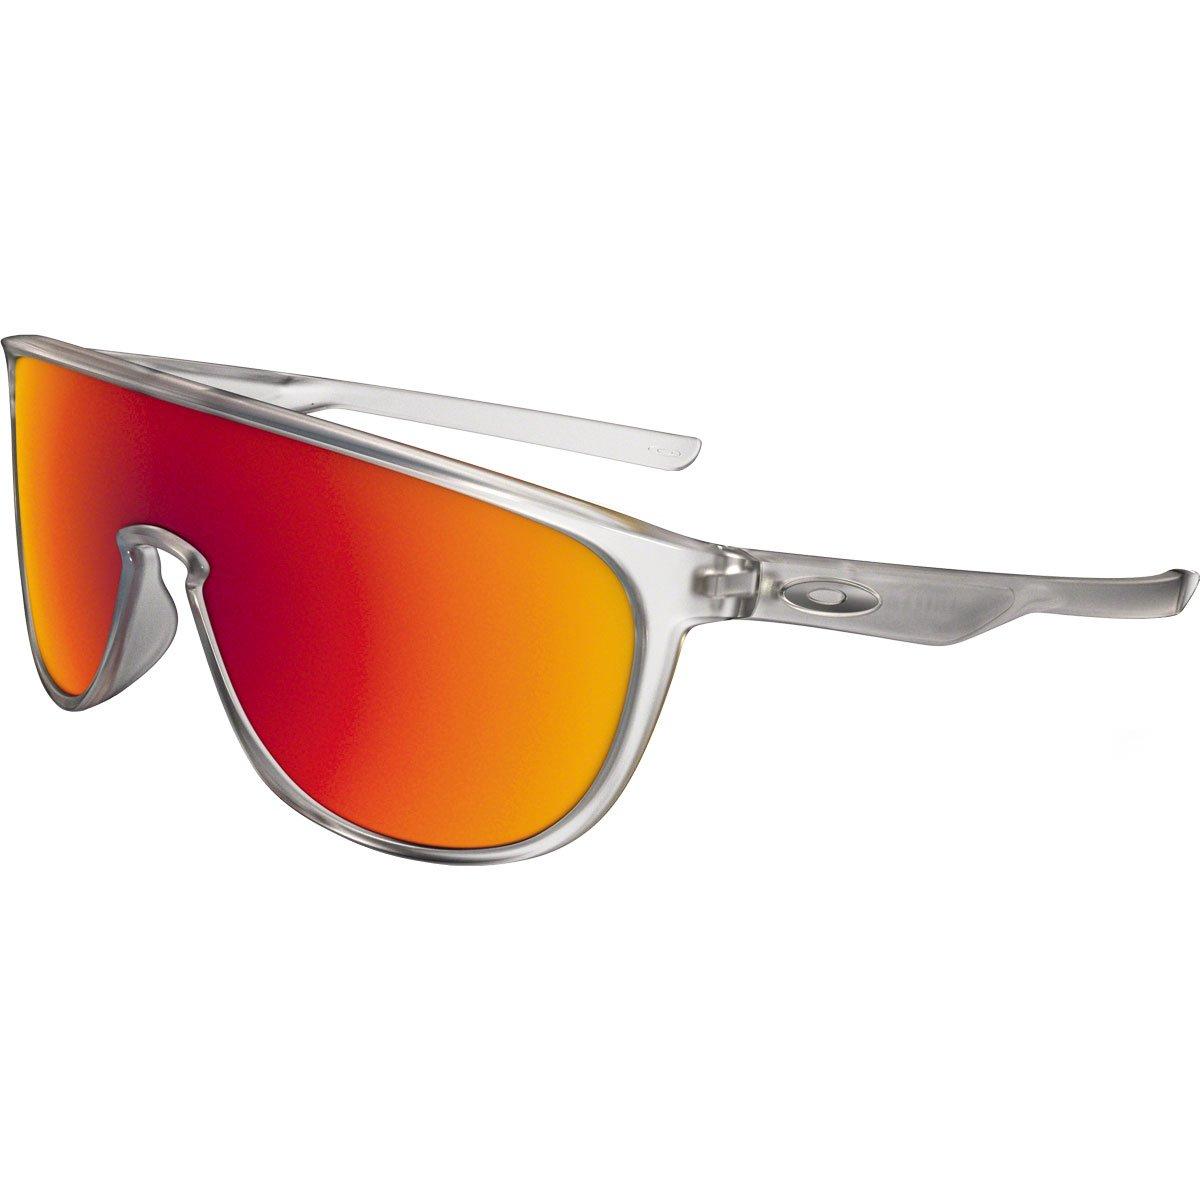 OAKLEY Trillbe Gafas de sol para Unisex, Transparente, 0